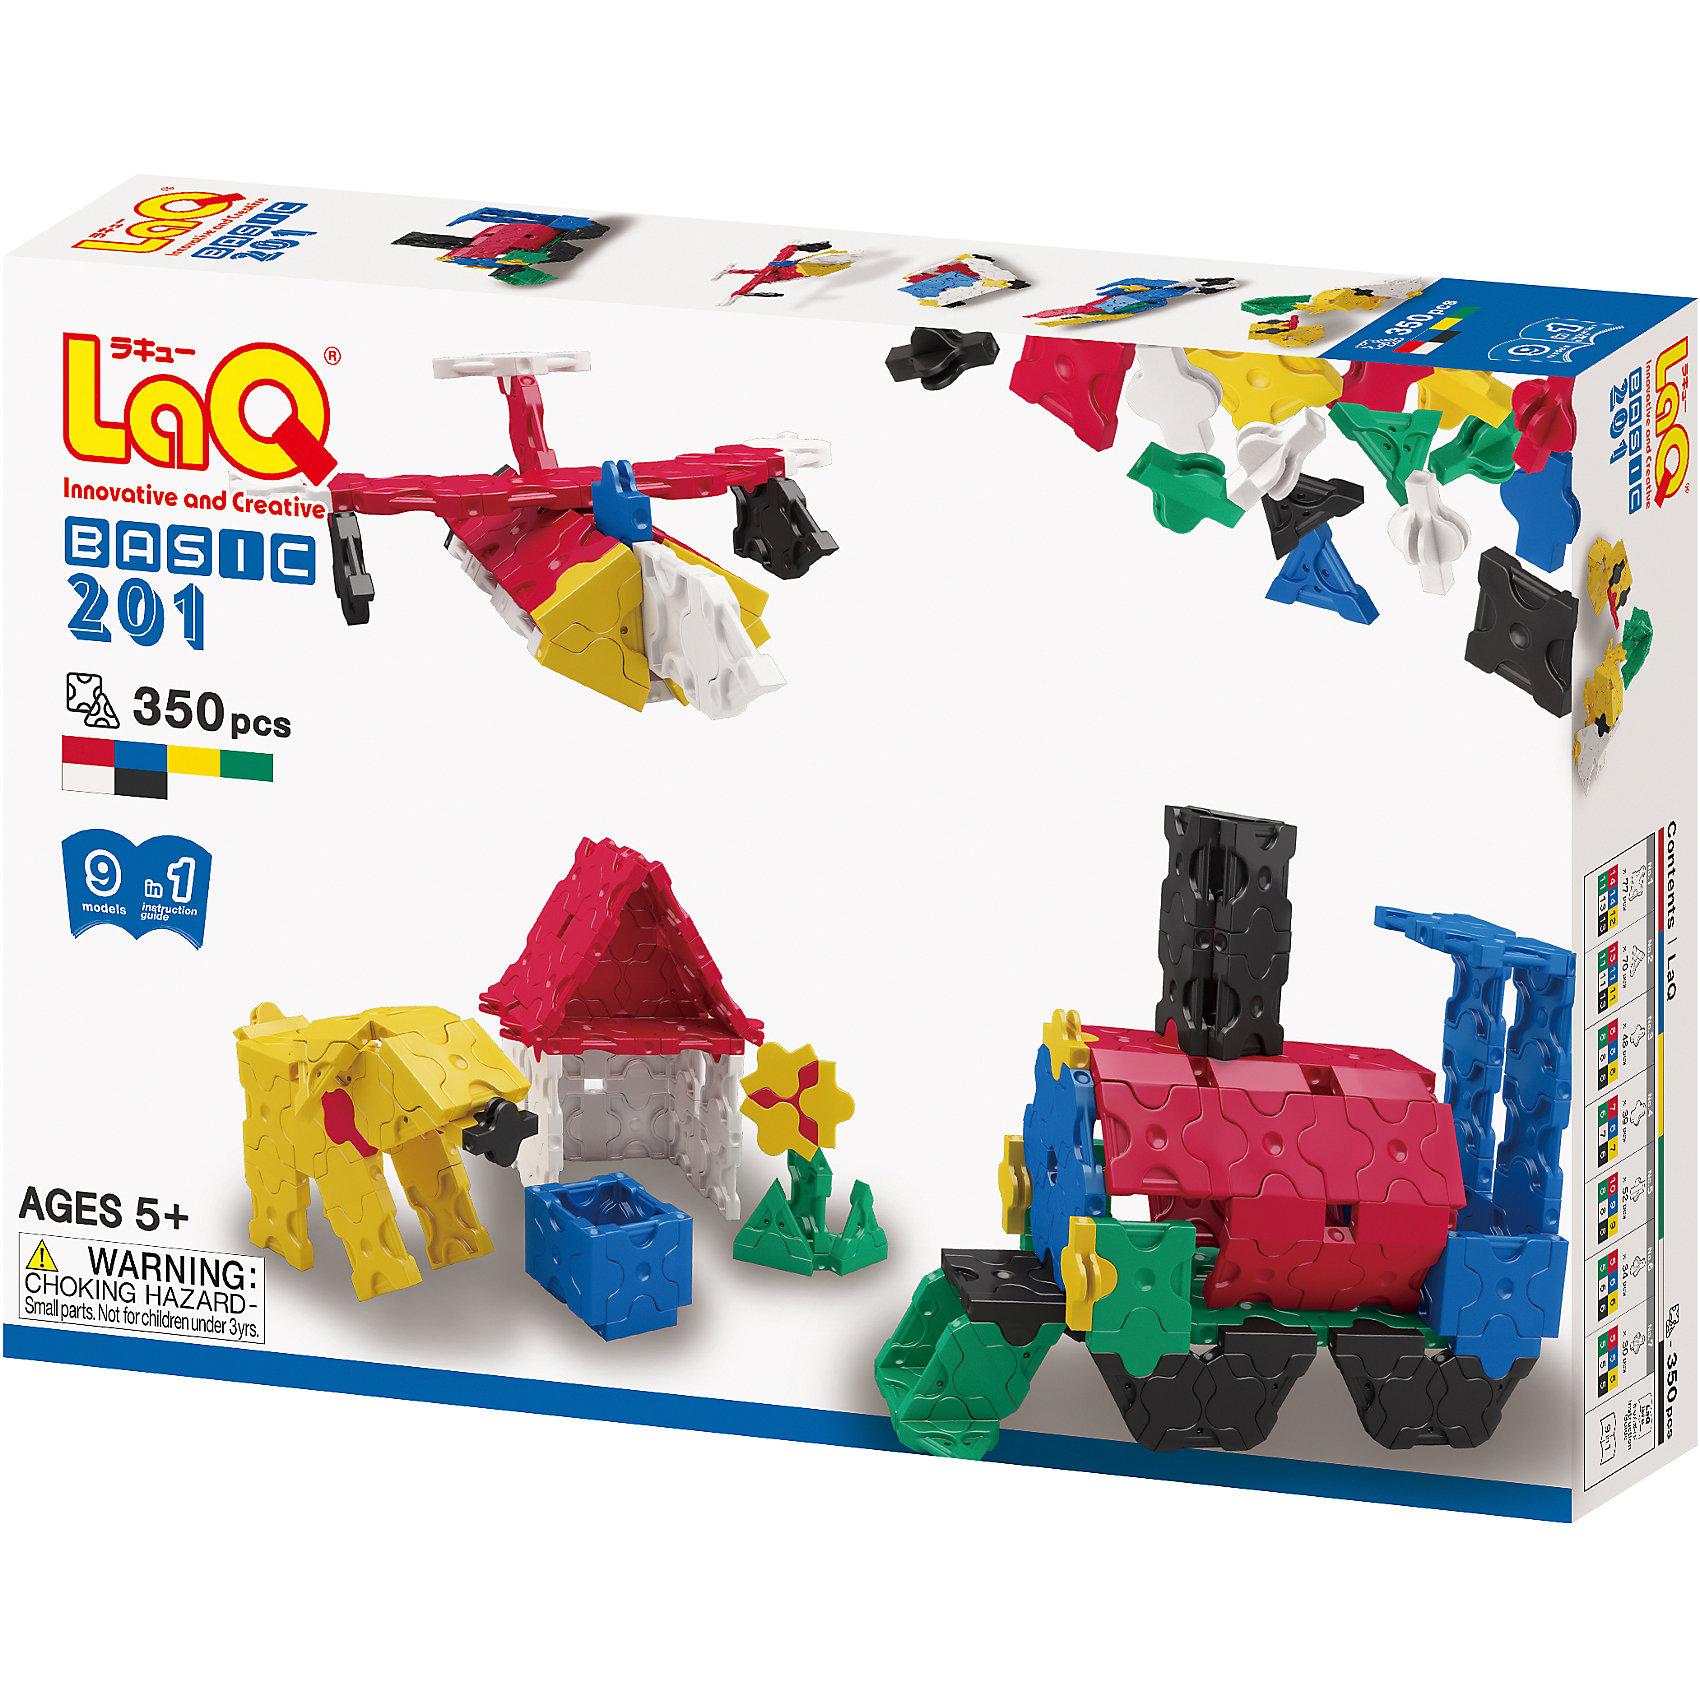 Конструктор Basic, 350 деталей, LaQКонструктор Basic состоит из 350 оригинальных деталей, из которых ребенок с легкостью сможет собрать различные транспортные средства, животных, цветы и деревья. В наборе имеются яркие детали с формой треугольника и квадрата, с пятью удобными креплениями. Игра с конструктором развивает воображение, мелкую моторику и усидчивость. Соединять детали невероятно просто, что позволит юному скульптору играть с удовольствием!<br><br>Дополнительная информация:<br>В наборе: 350 деталей(6 цветов), инструкция для 3D моделей<br>Материал: пластик<br>Размер упаковки: 24х16х4 см<br>Вес: 500 грамм<br>Конструктор Basic можно приобрести в нашем интернет-магазине.<br><br>Ширина мм: 240<br>Глубина мм: 40<br>Высота мм: 160<br>Вес г: 350<br>Возраст от месяцев: 60<br>Возраст до месяцев: 1188<br>Пол: Унисекс<br>Возраст: Детский<br>SKU: 4944566